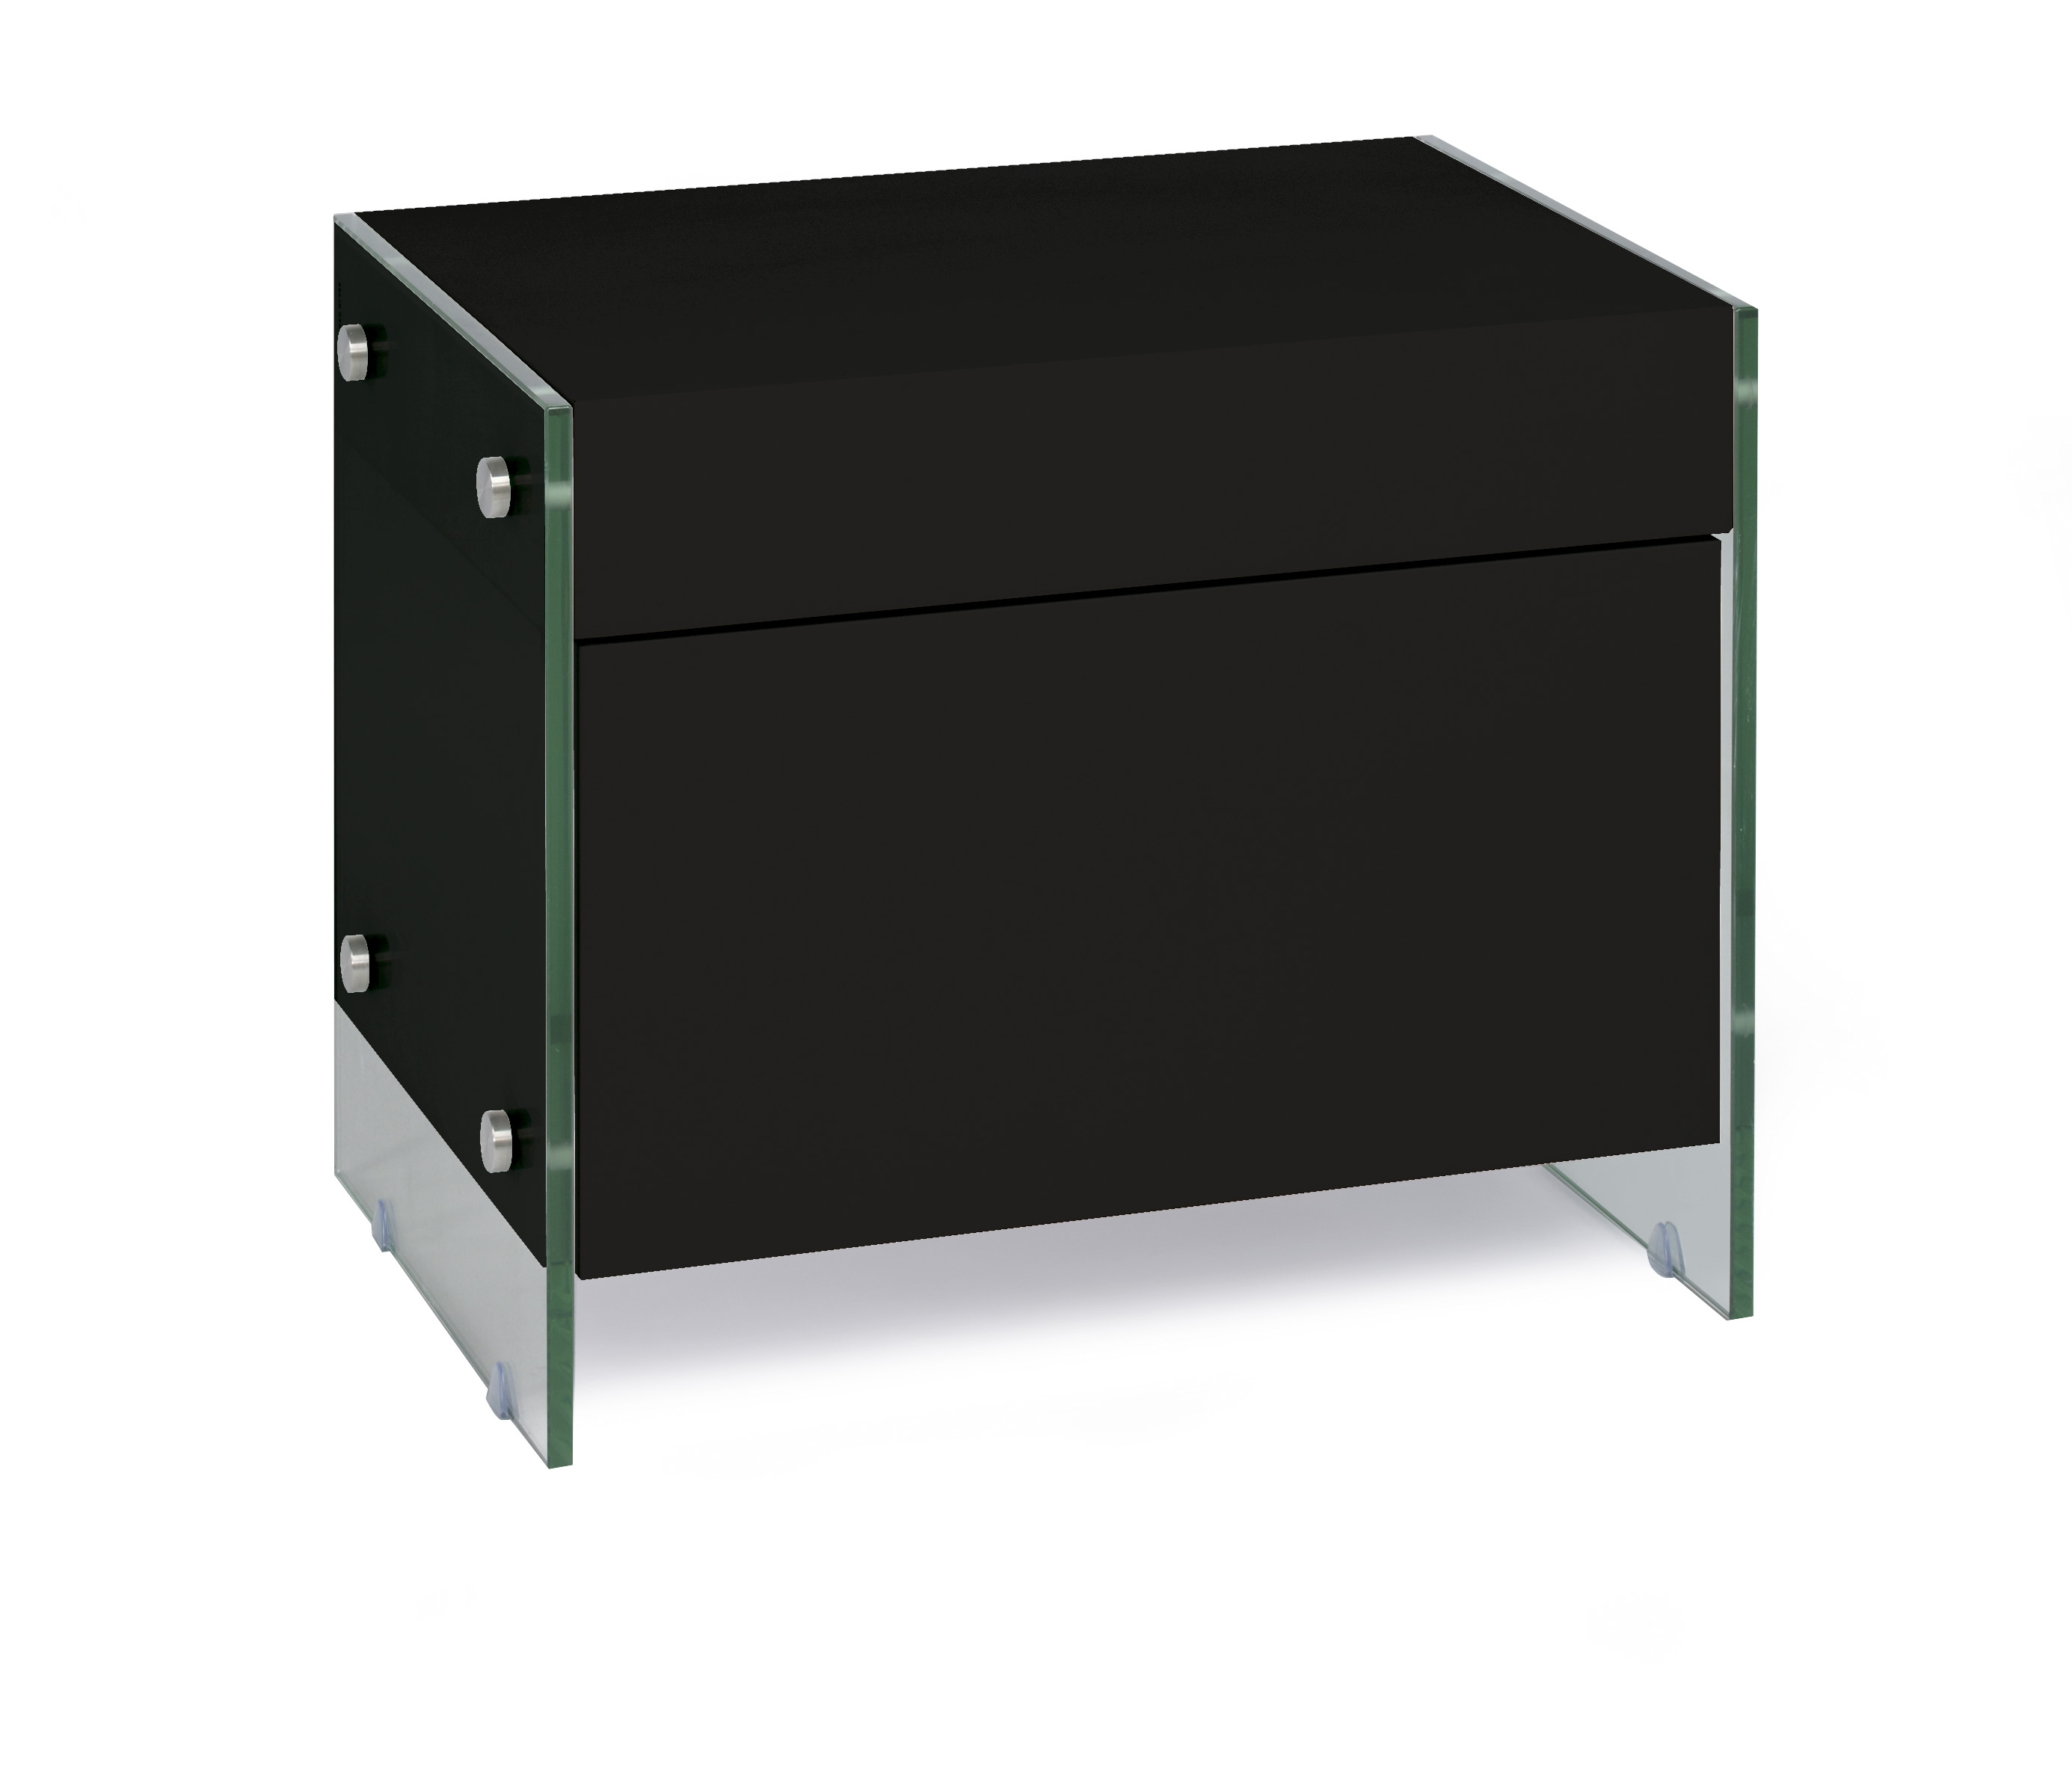 table de chevet design noir laqu cubique. Black Bedroom Furniture Sets. Home Design Ideas